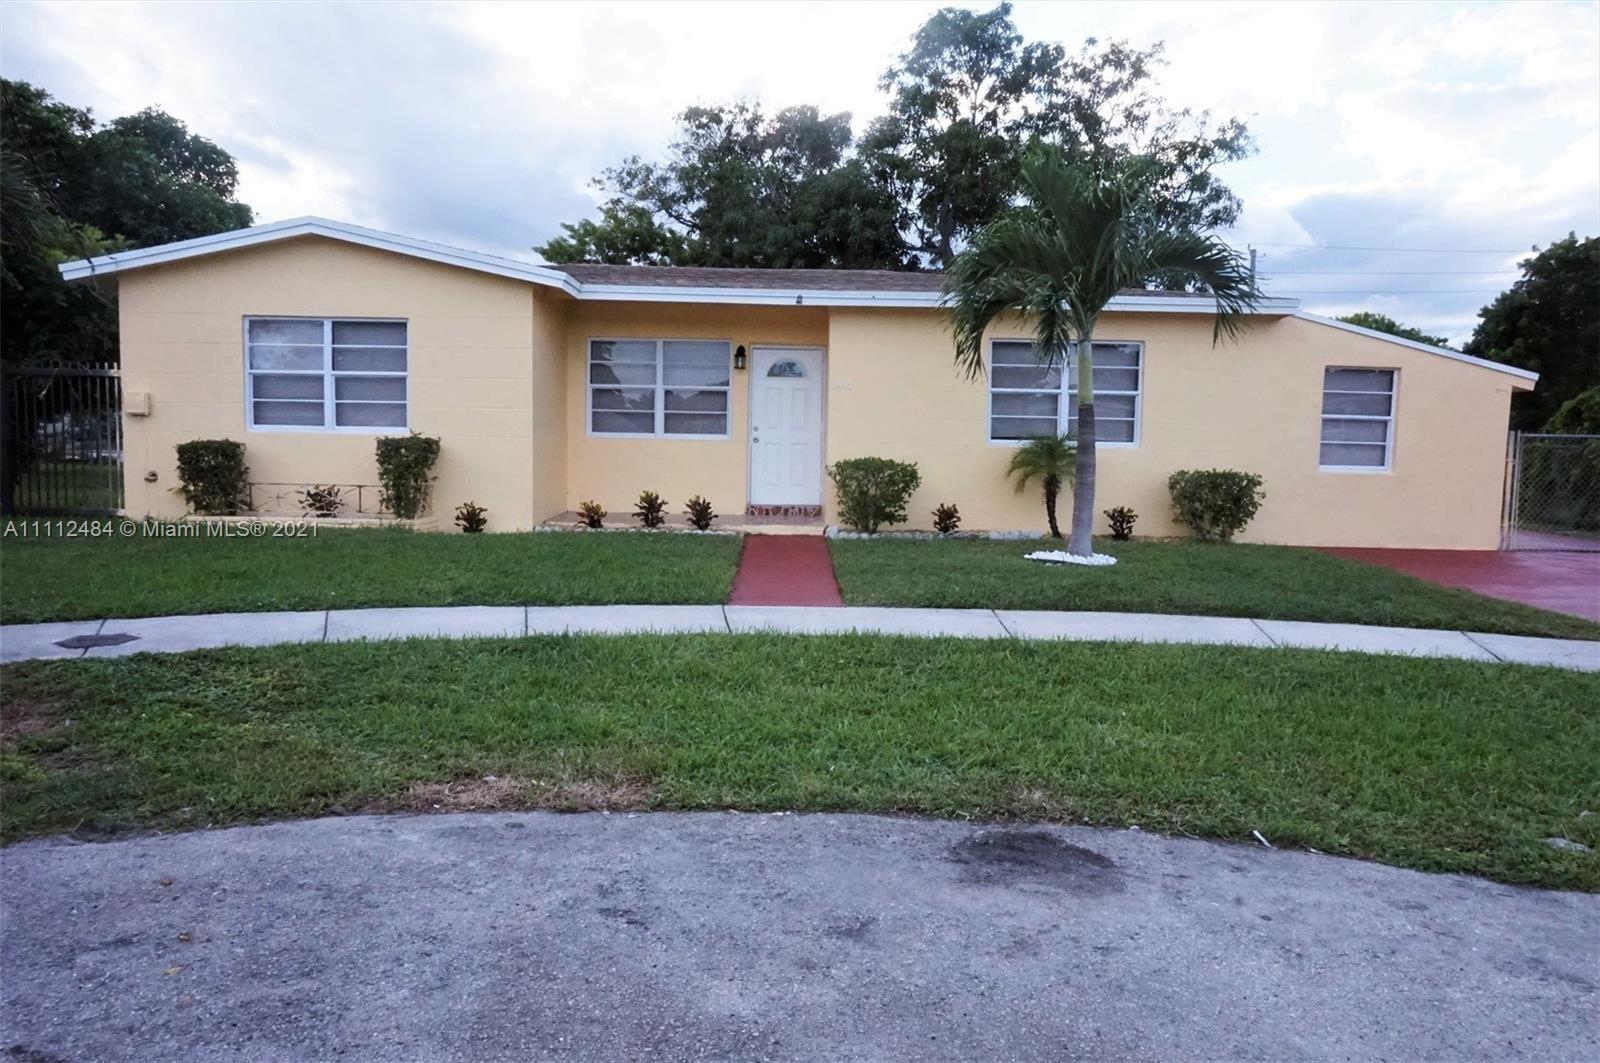 Photo of 3498 NW 1st St, Lauderhill, FL 33311 (MLS # A11112484)